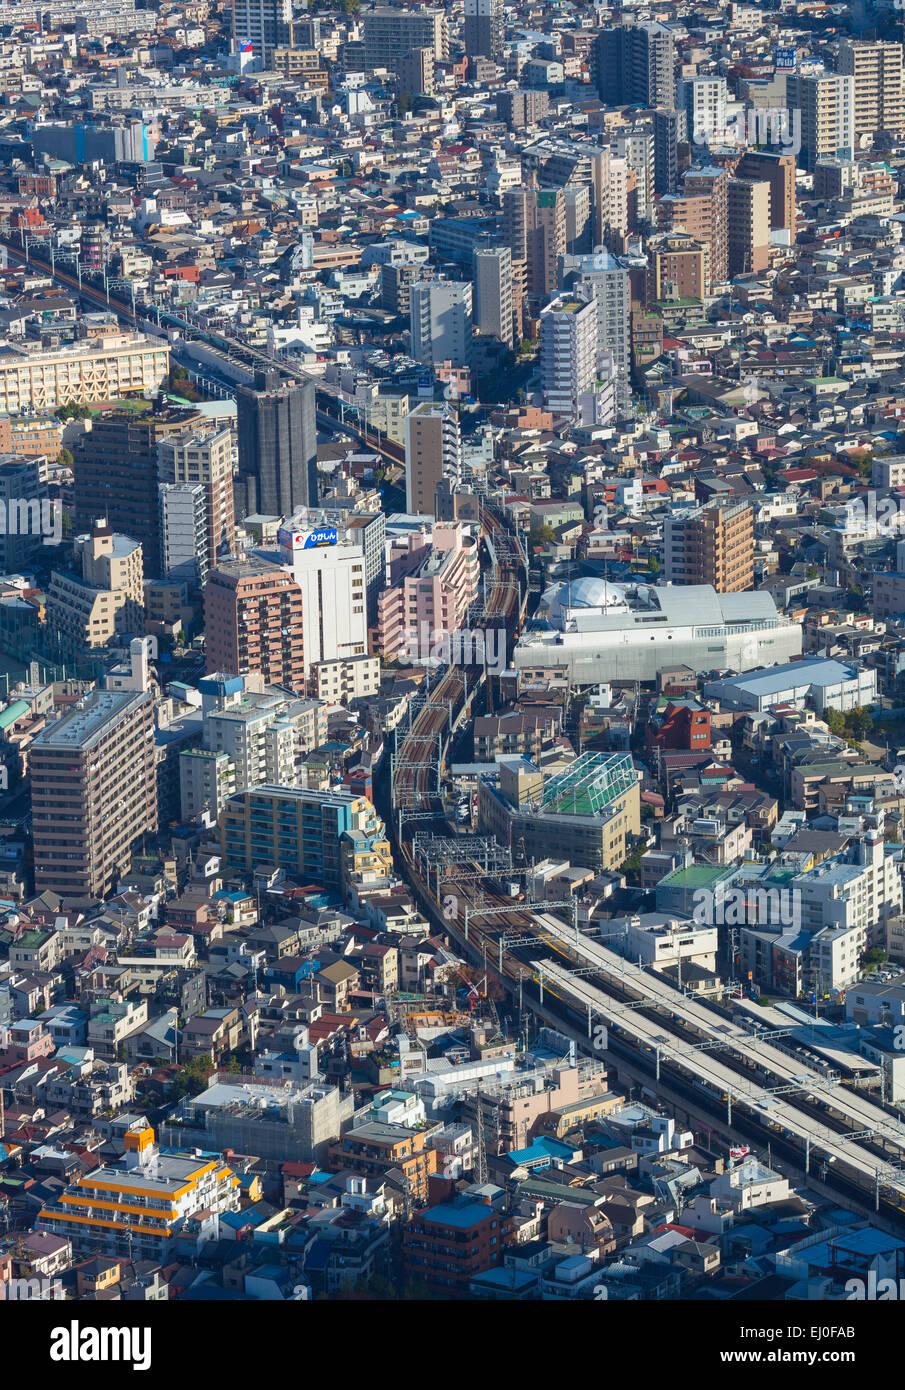 Japan, Asia, Kanto, Keisei Oshiage, Tokyo, City, aerial, fall, railroad, train, transport, urban - Stock Image